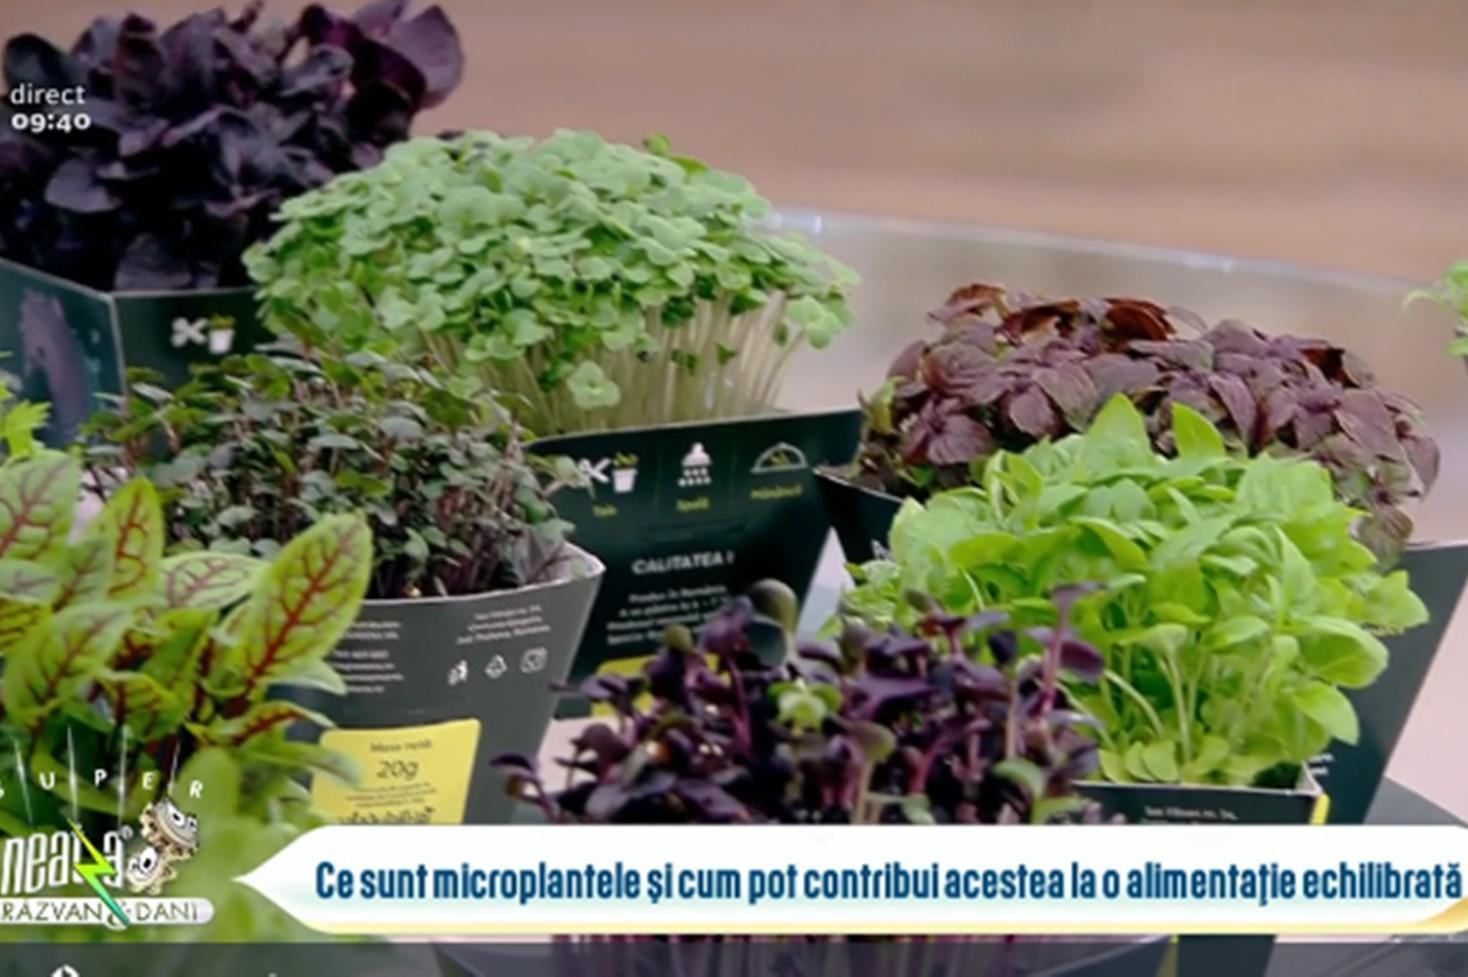 Rolul microplantelor în preparatele culinare și a alimentației echilibrate